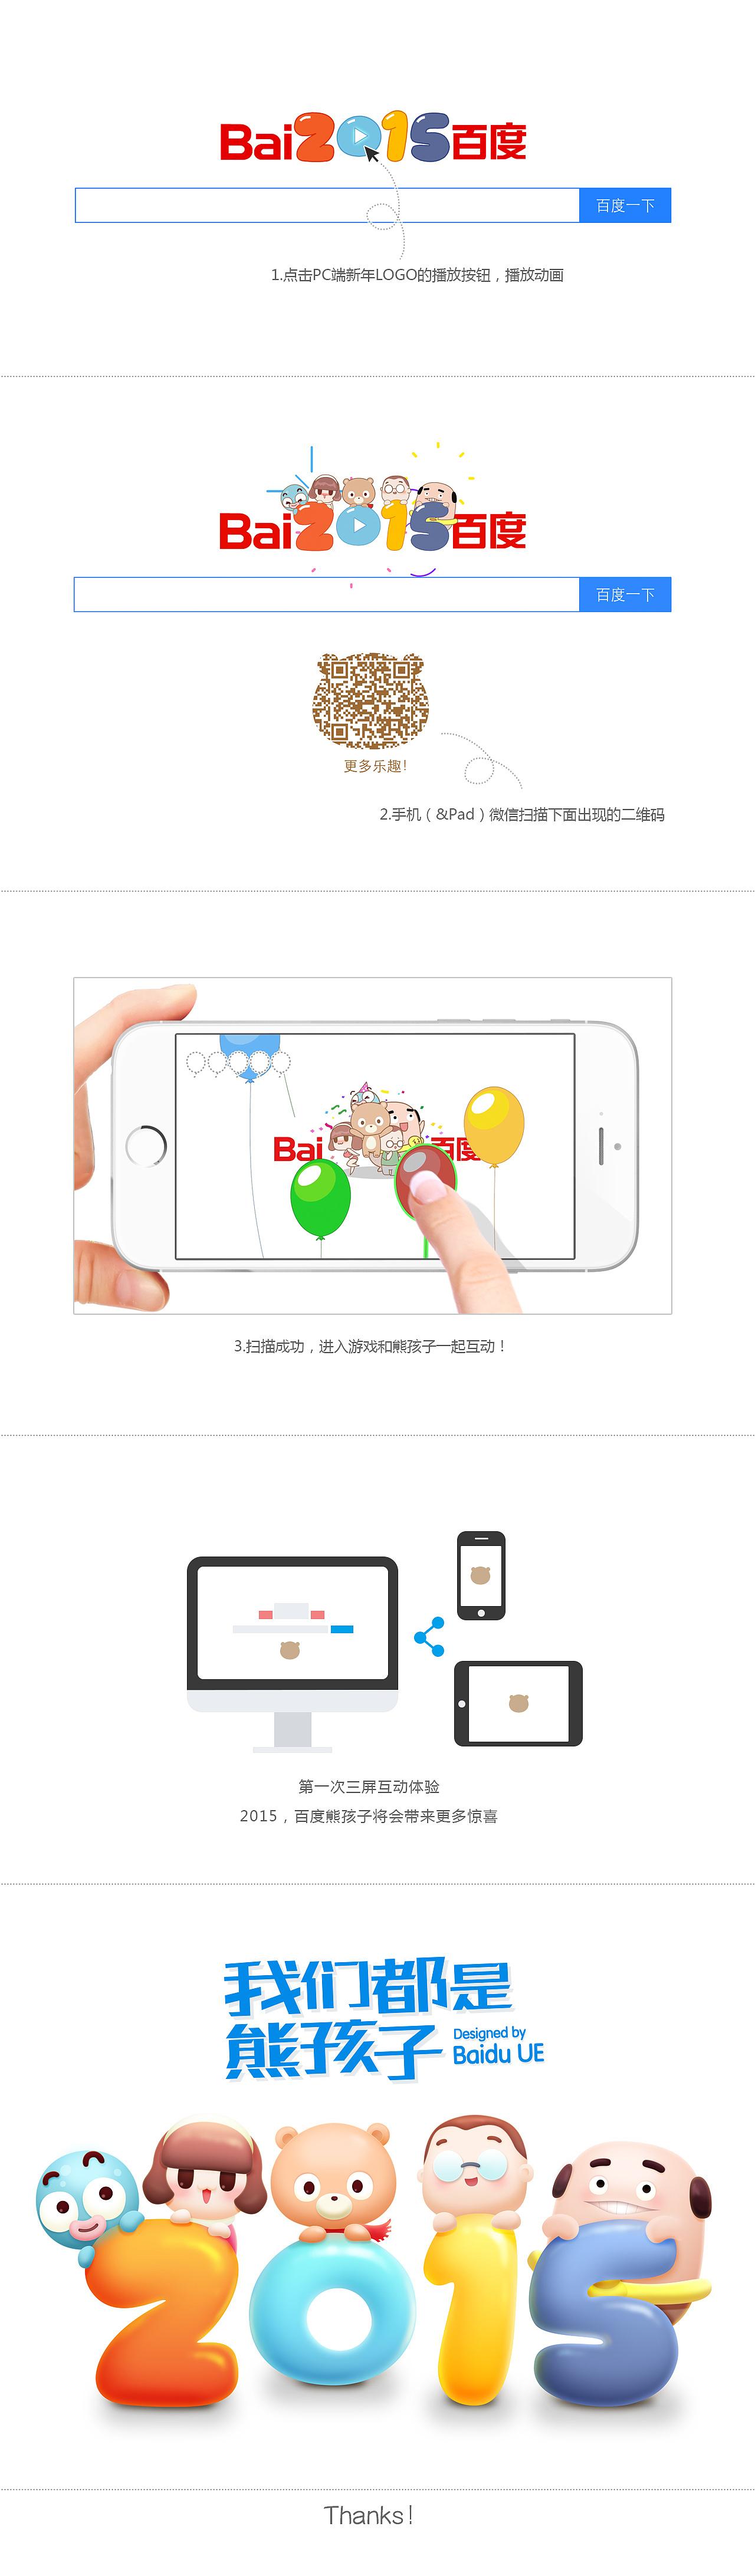 百度首页2015元旦logo设计方案|网页|门户/社交|百度